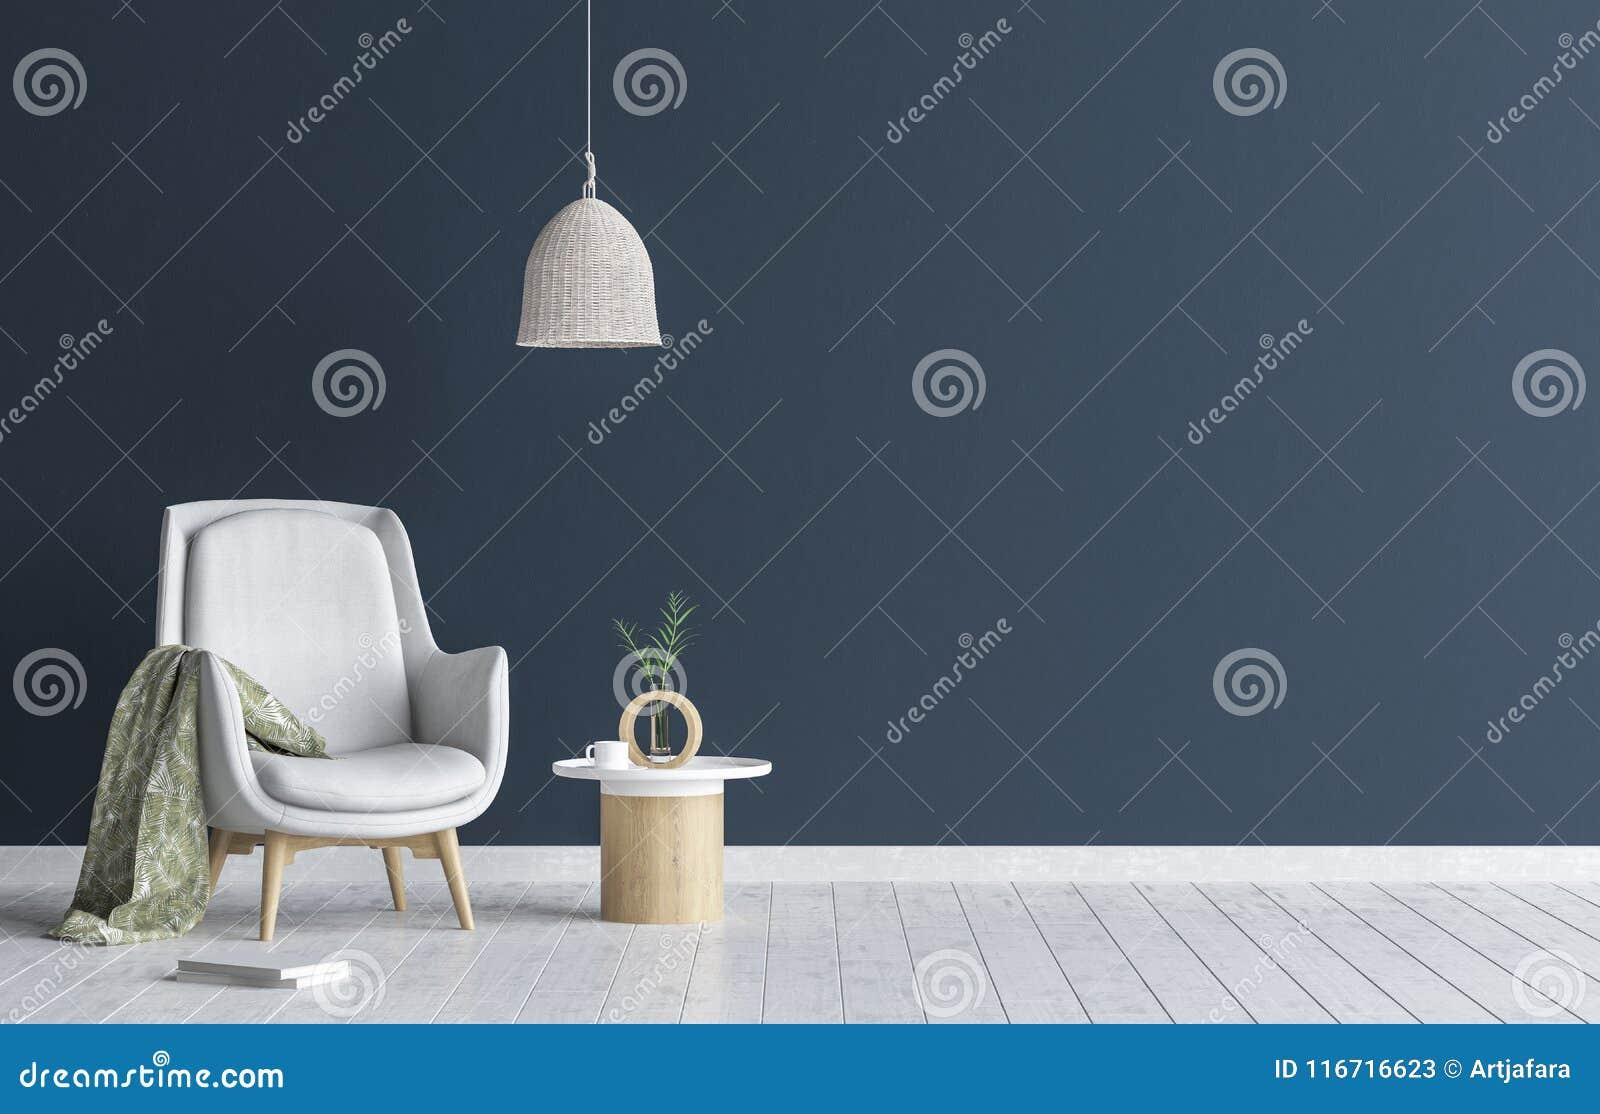 Stuhl Mit Lampe Und Couchtisch Im Wohnzimmer Innen Dunkelblauer Wandspott Herauf Hintergrund Stock Abbildung Illustration Von Lampe Hintergrund 116716623